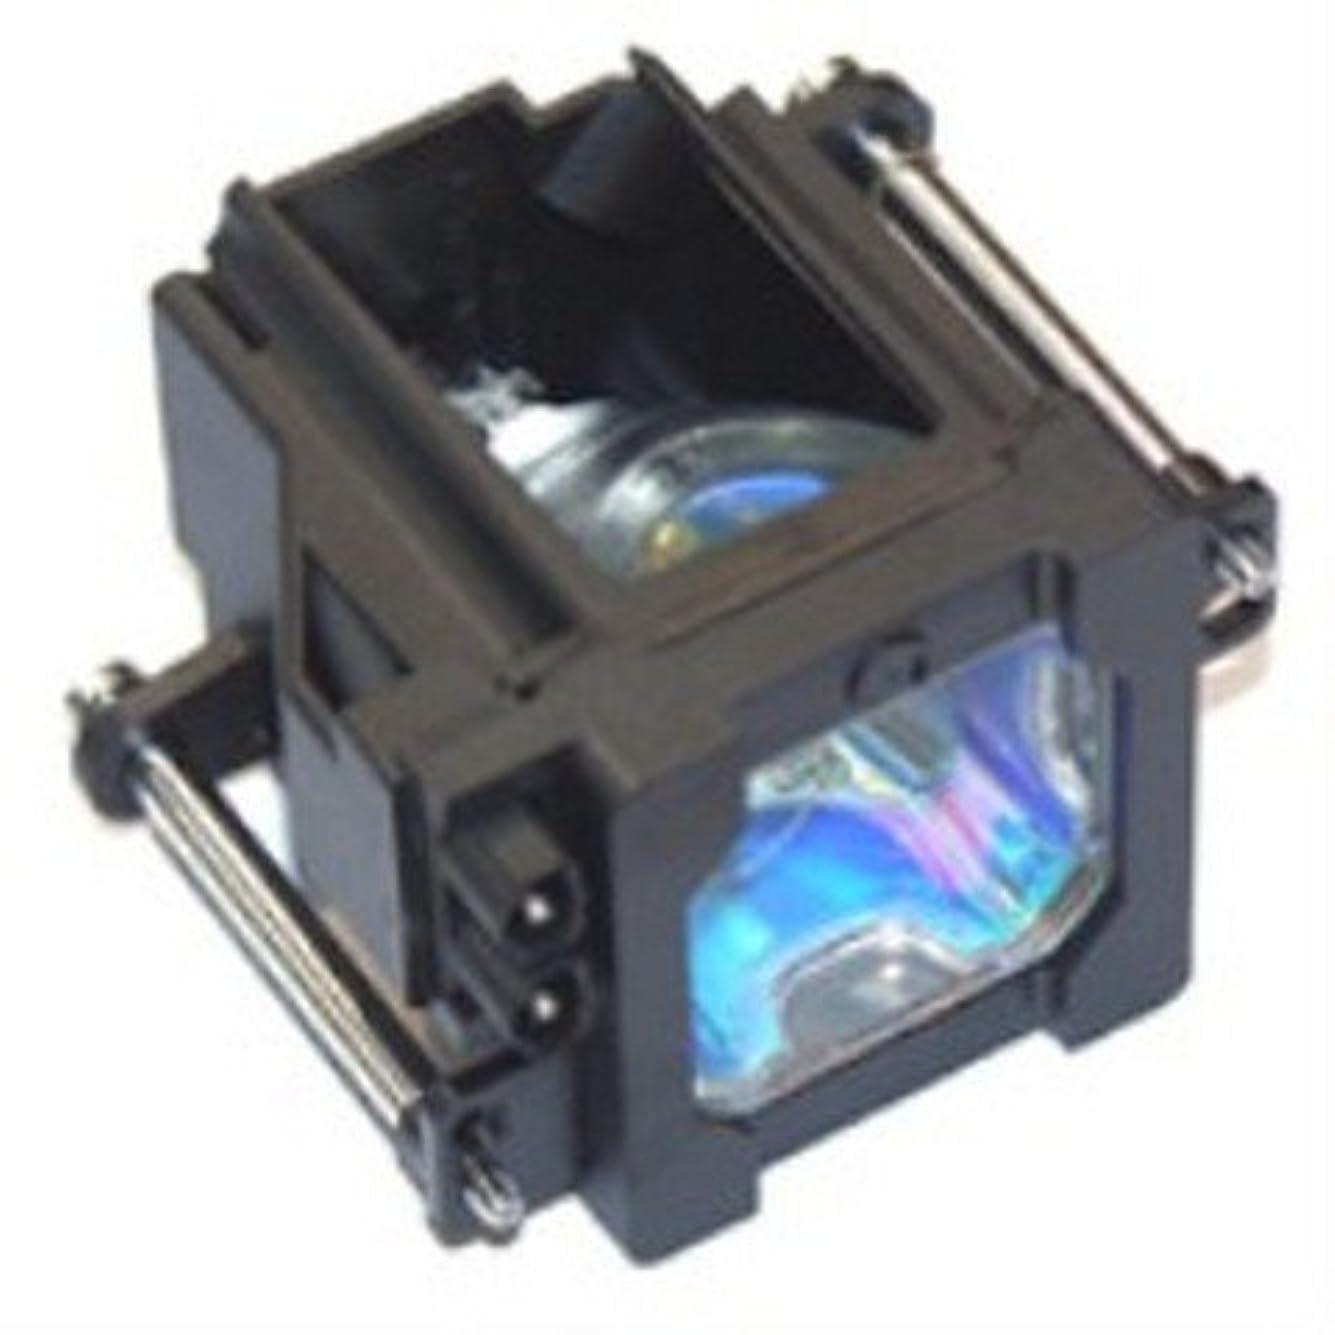 オペレーター特徴づけるとしてJVC hd-61g887投影テレビランプアセンブリで高品質オリジナル電球の内側